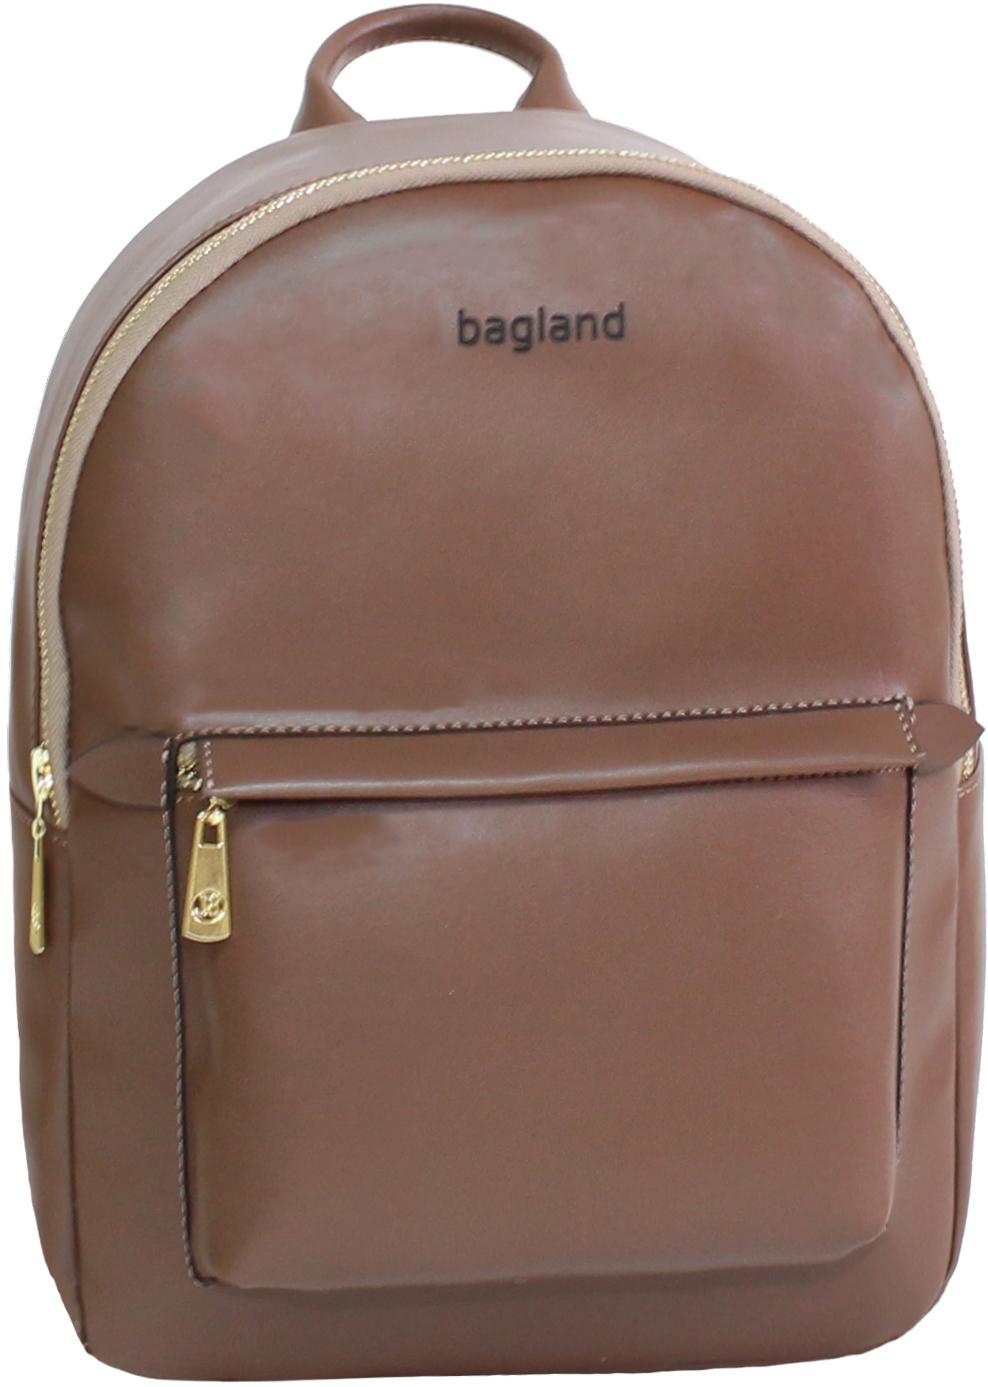 Женские рюкзаки Рюкзак Bagland Linda 6 л. 299 коричневый (0014096) IMG_8892.JPG